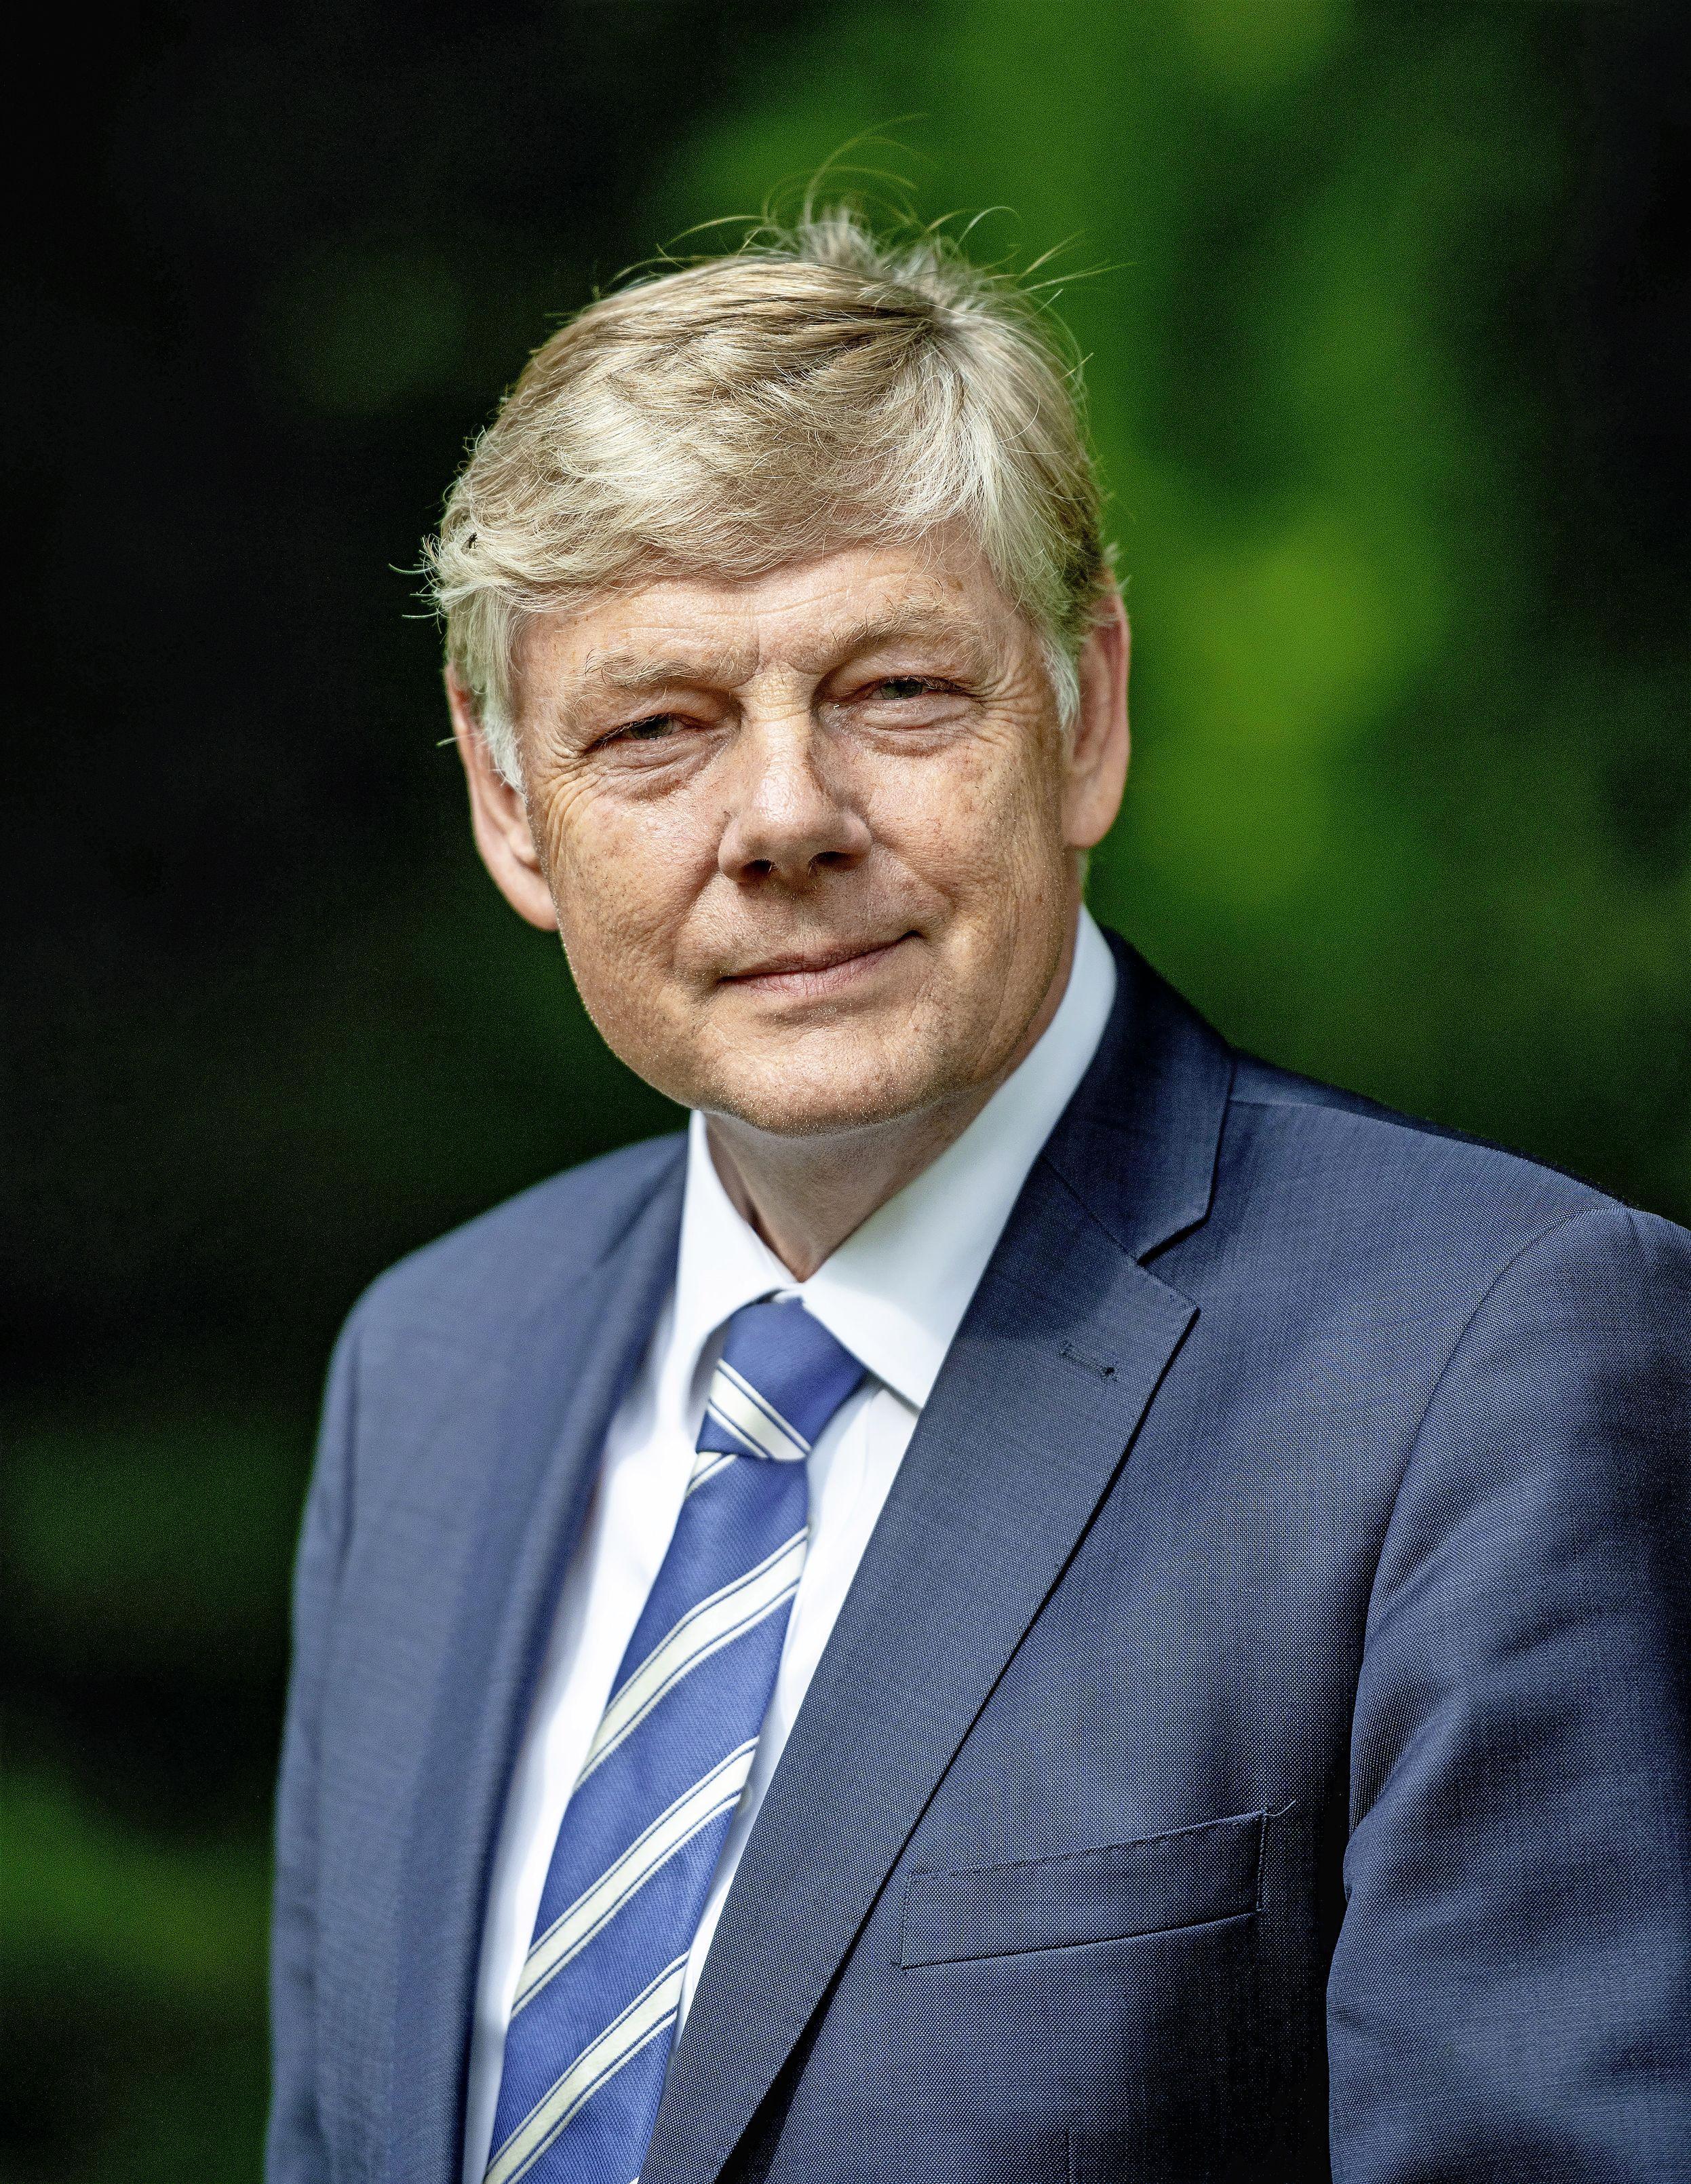 Burgemeester Roest van Bloemendaal doet aangifte bij rijksrecherche van lekken rond Slewe-deal